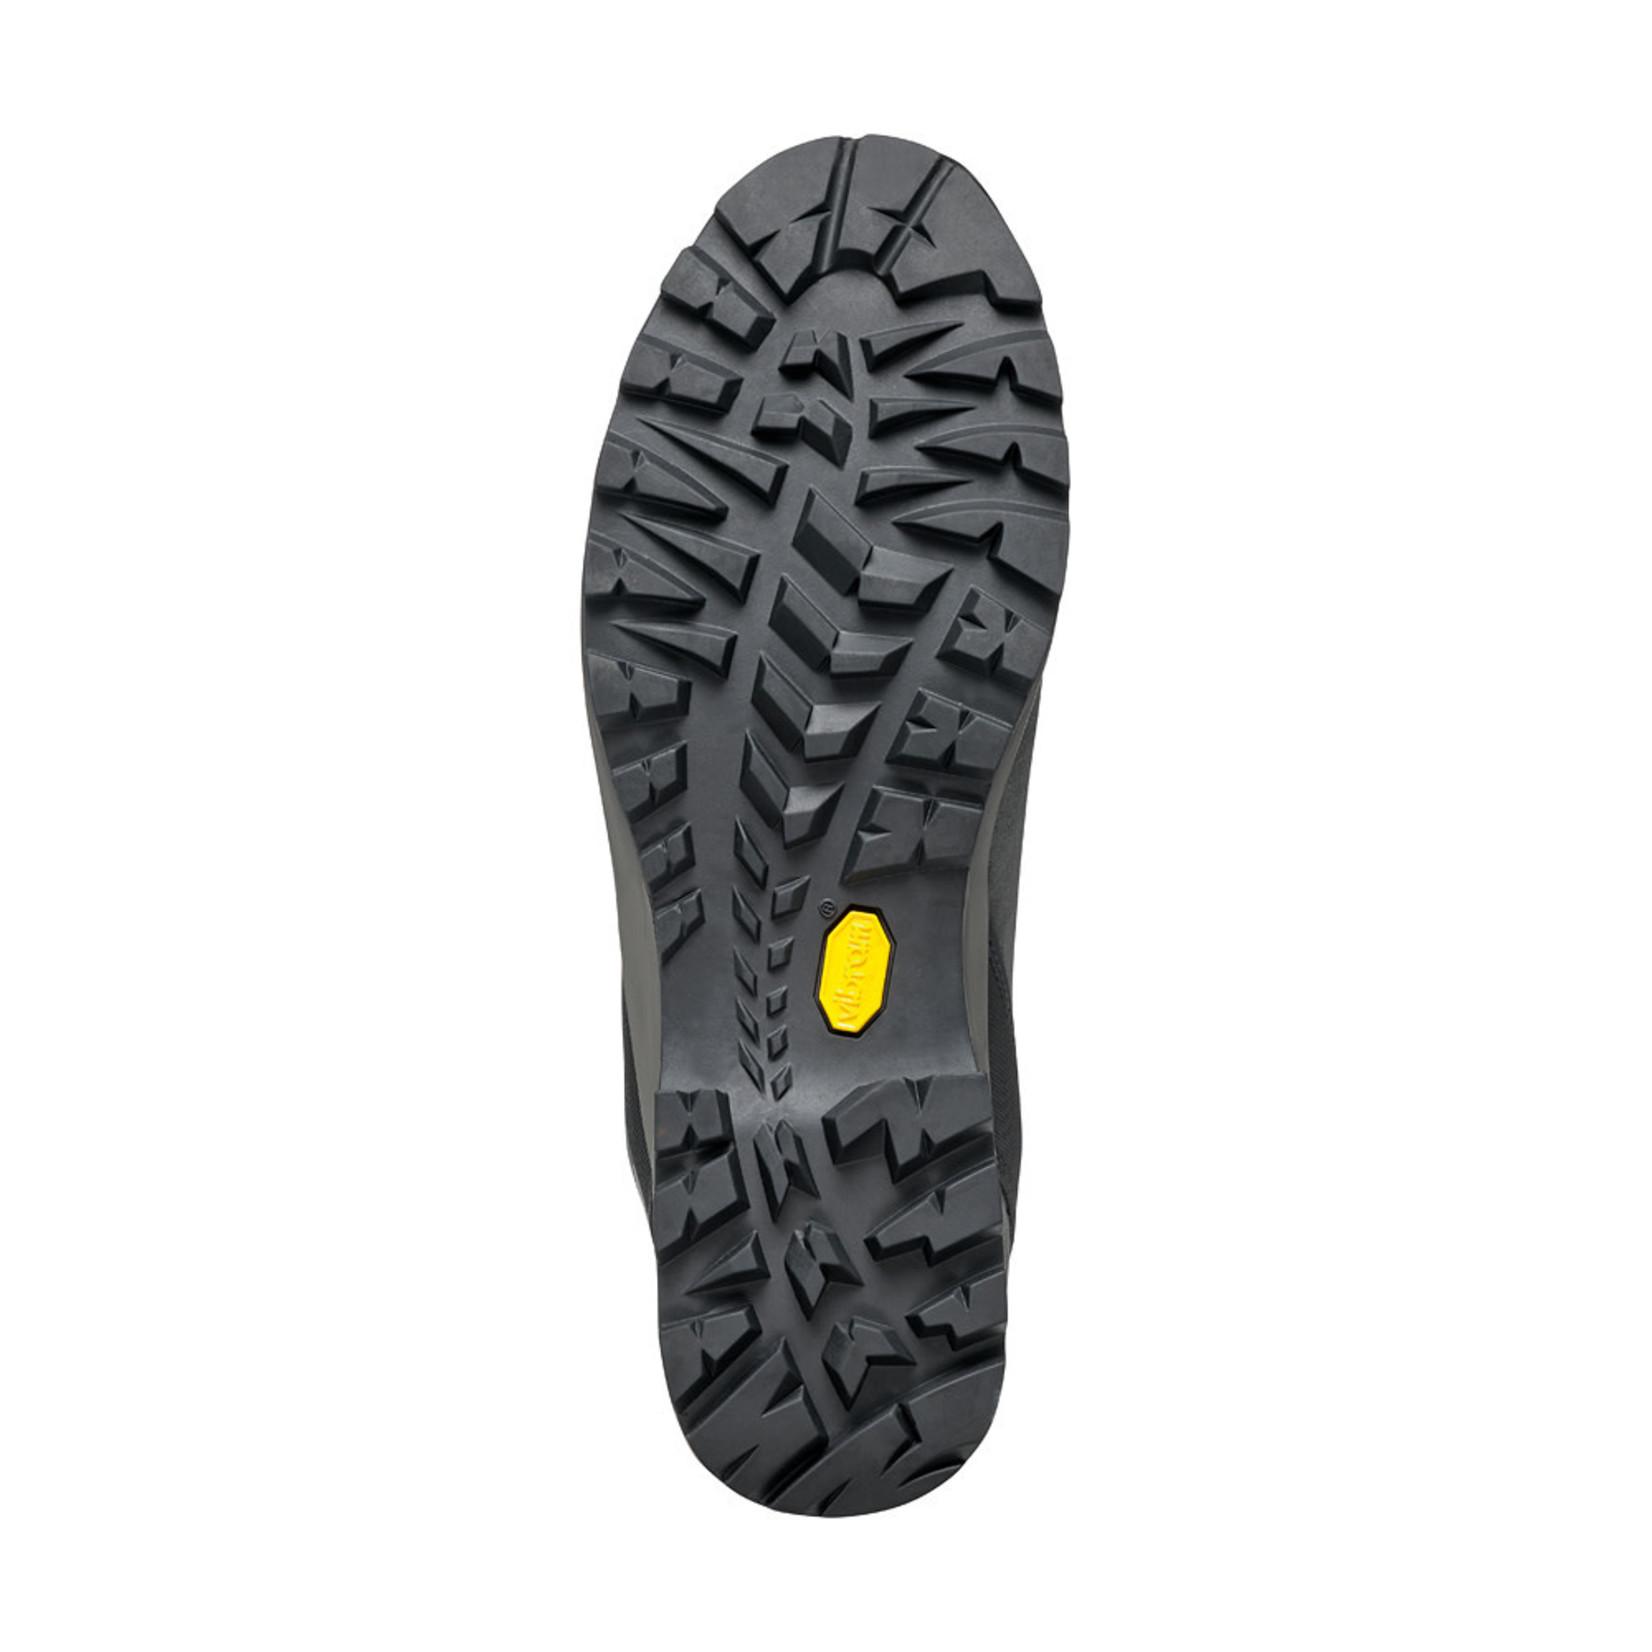 Scarpa Botte Scarpa Kailash Trek GTX - Homme